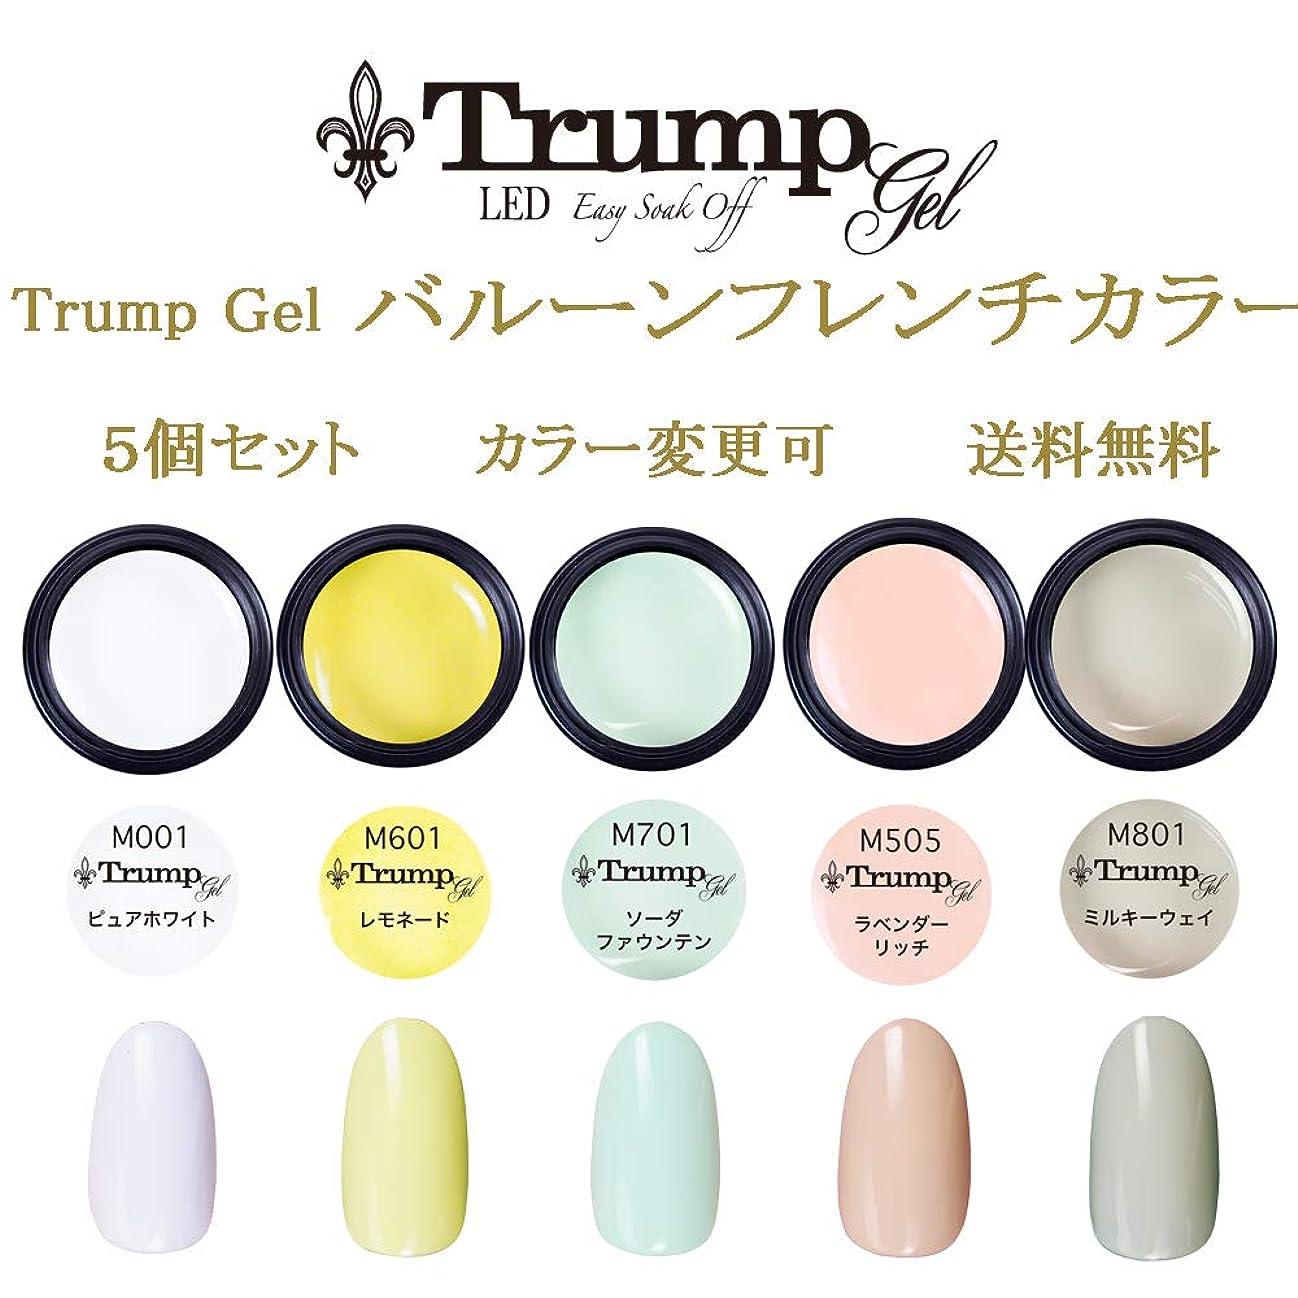 ピッチャー局おばさん【送料無料】Trumpバルーンフレンチカラー 選べるカラージェル5個セット